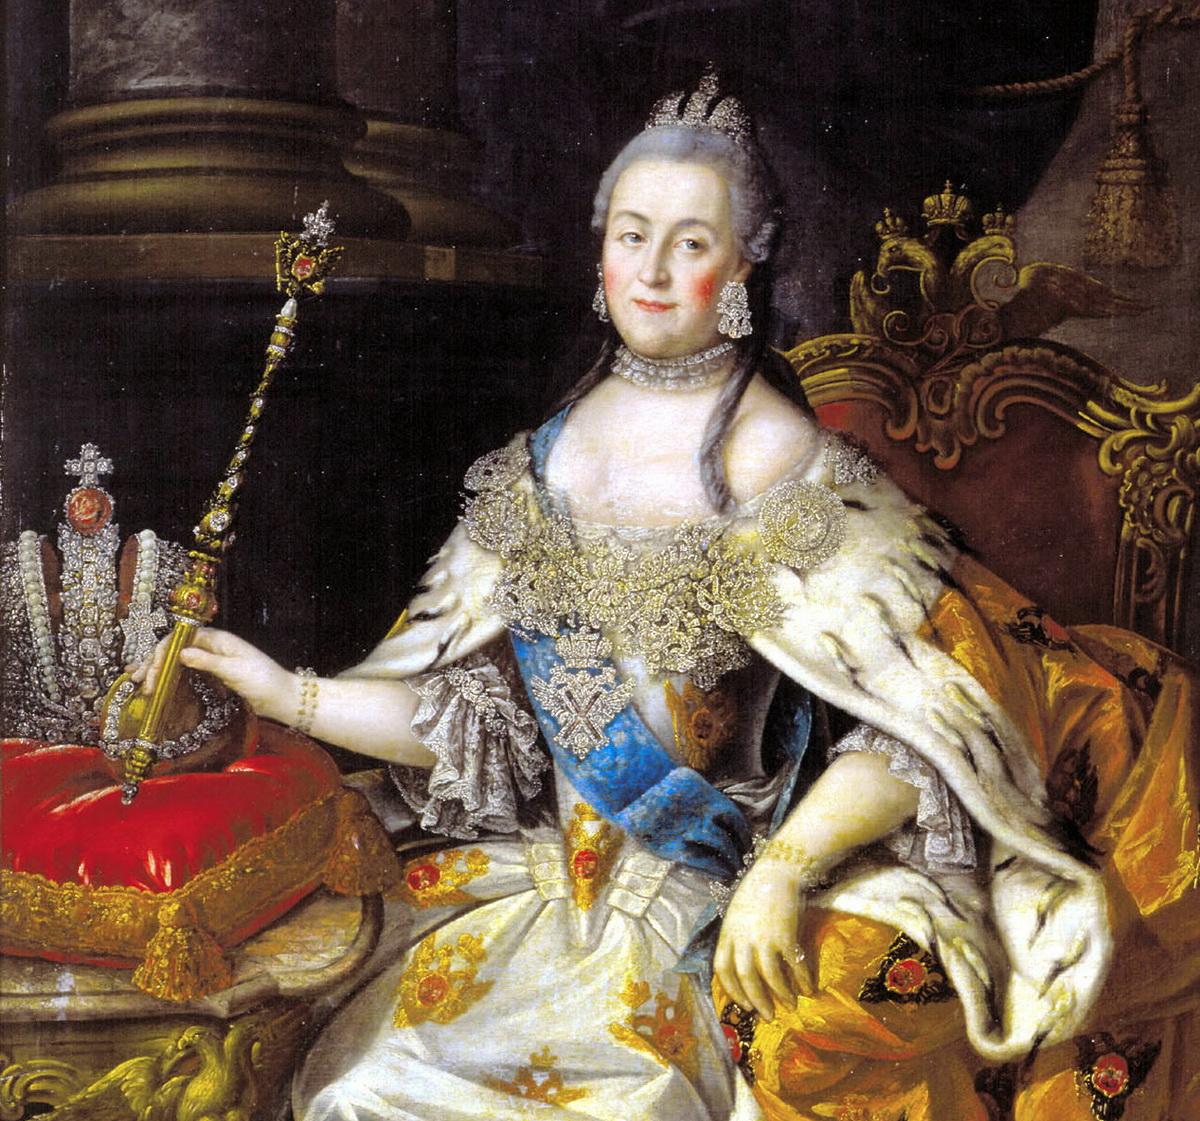 Nagy Katalin cárnő, jobbján a koronával